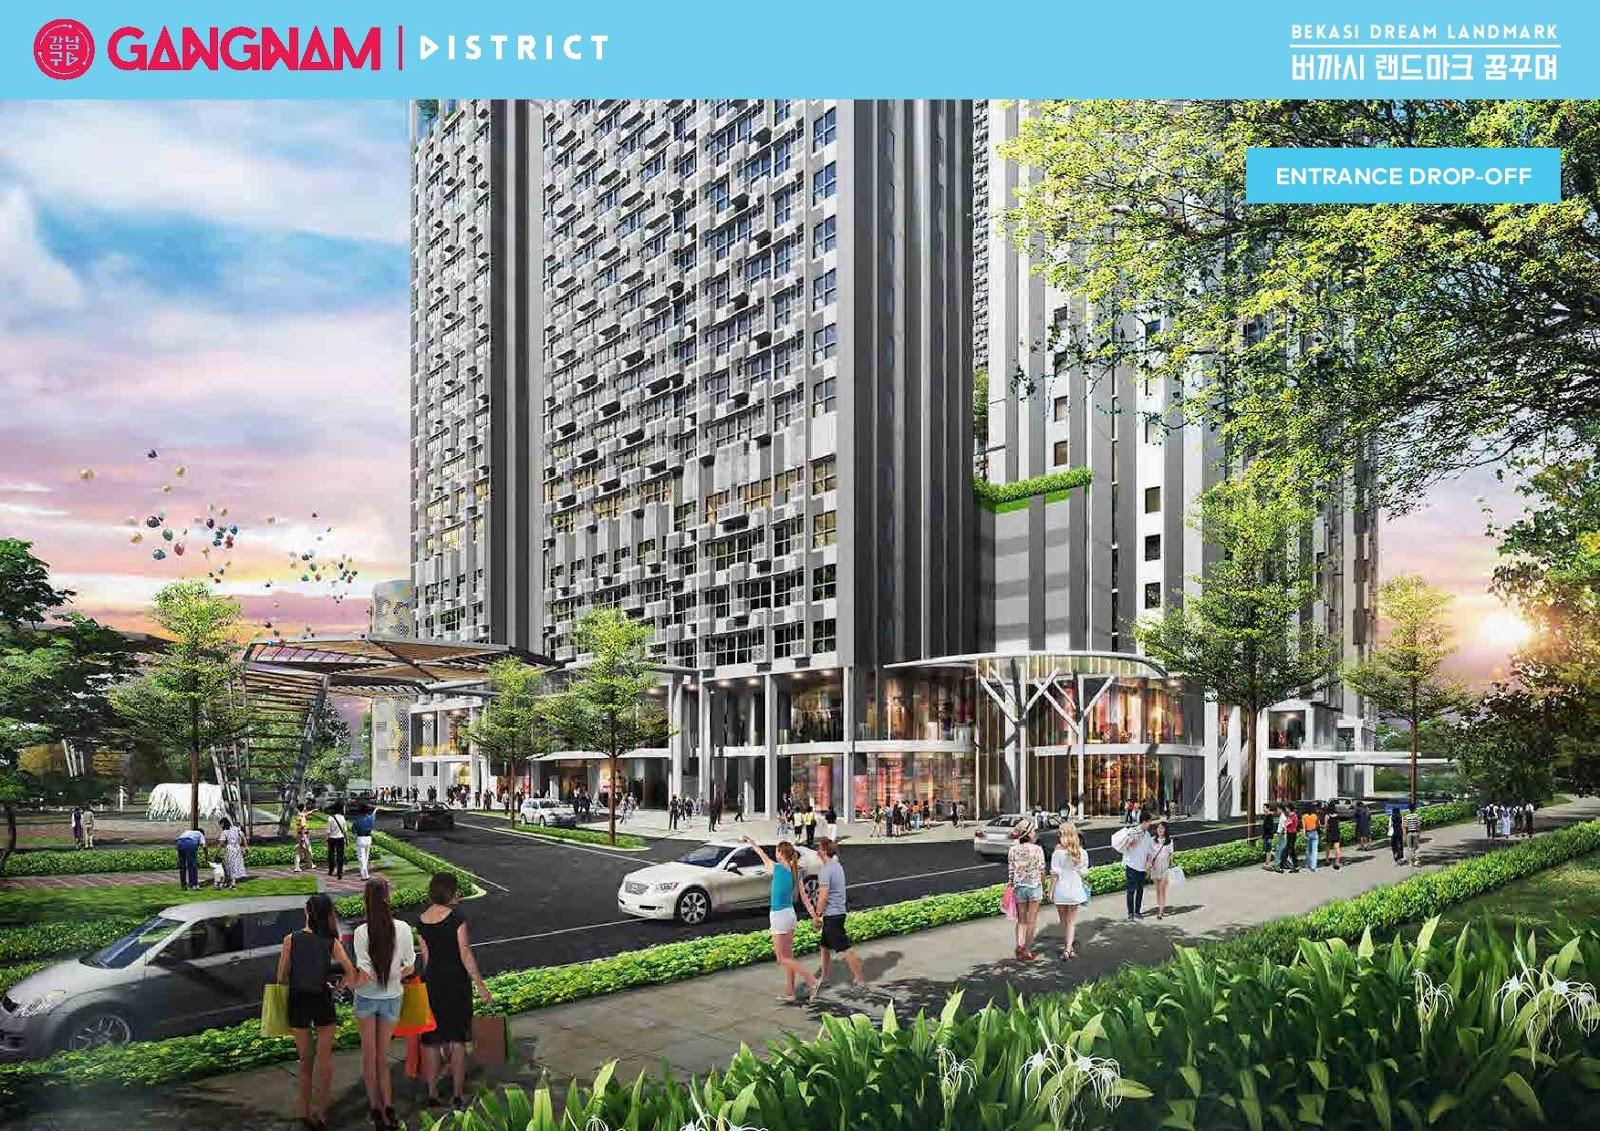 Apartemen Gangnam District di Kemang Bekasi